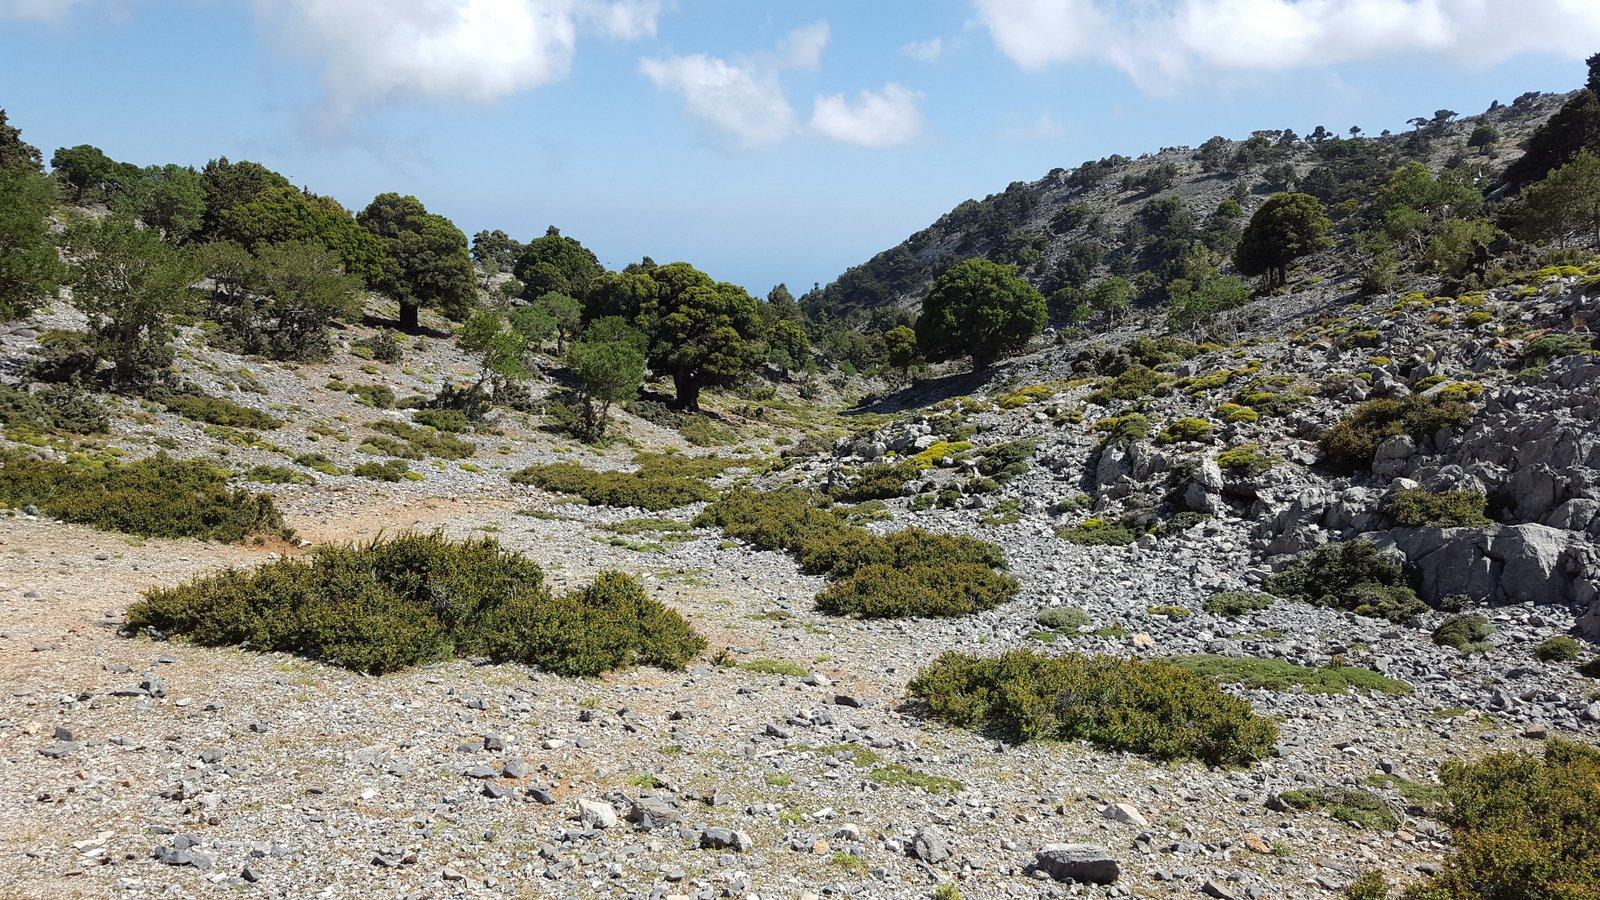 La valle si restringe e diventa progressivamente piu' vegetata.